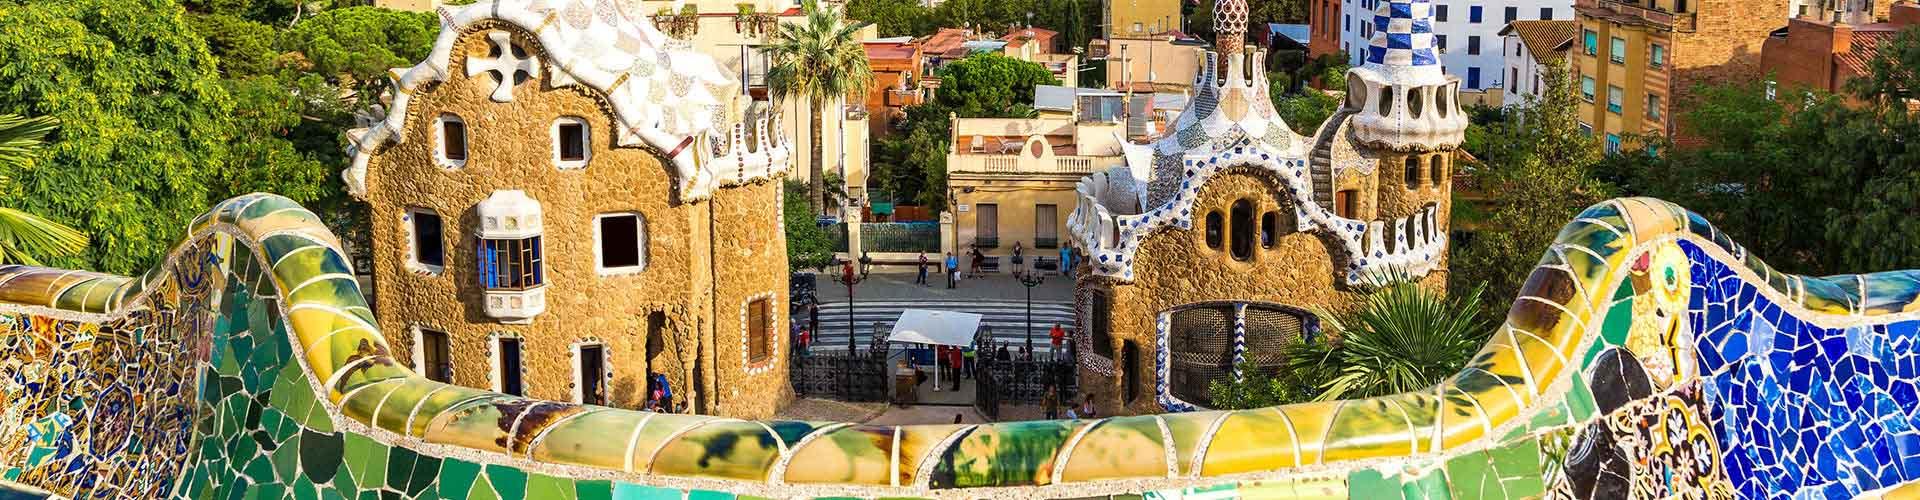 Barcellona ostelli a barcellona for Barcellona albergo economico